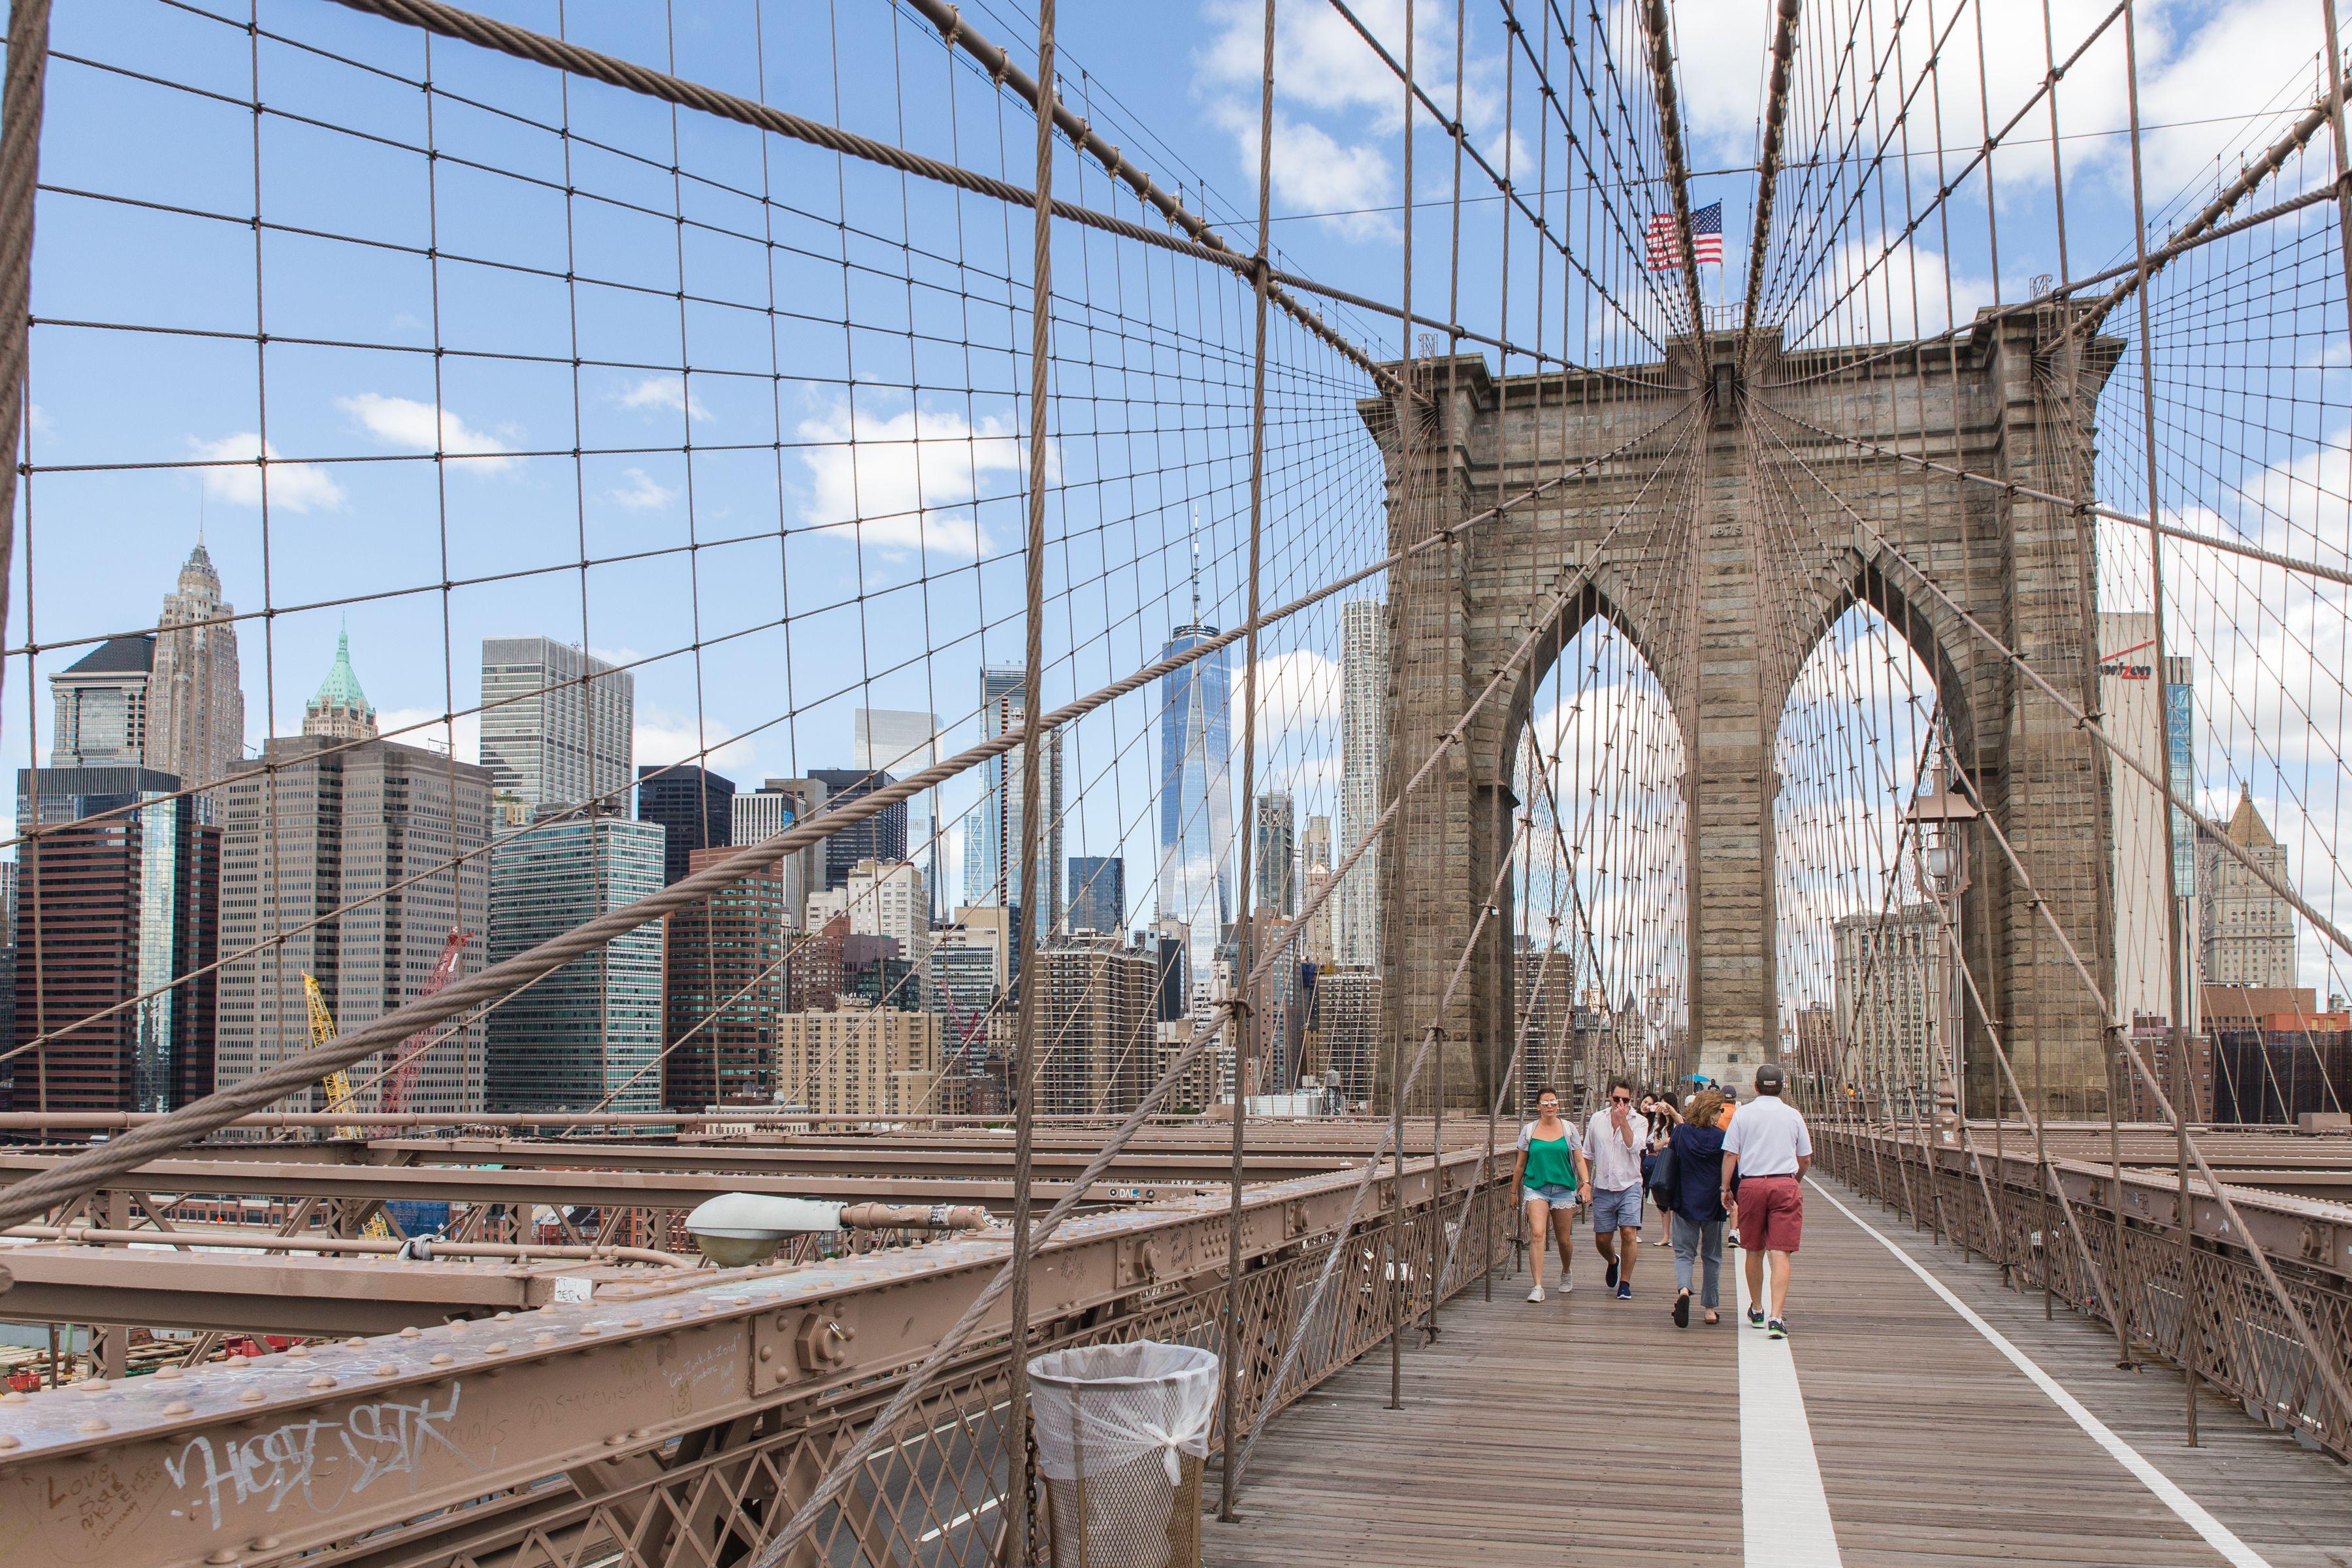 People walking through the Brooklyn Bridge , Vista de la estatua de la Libertad